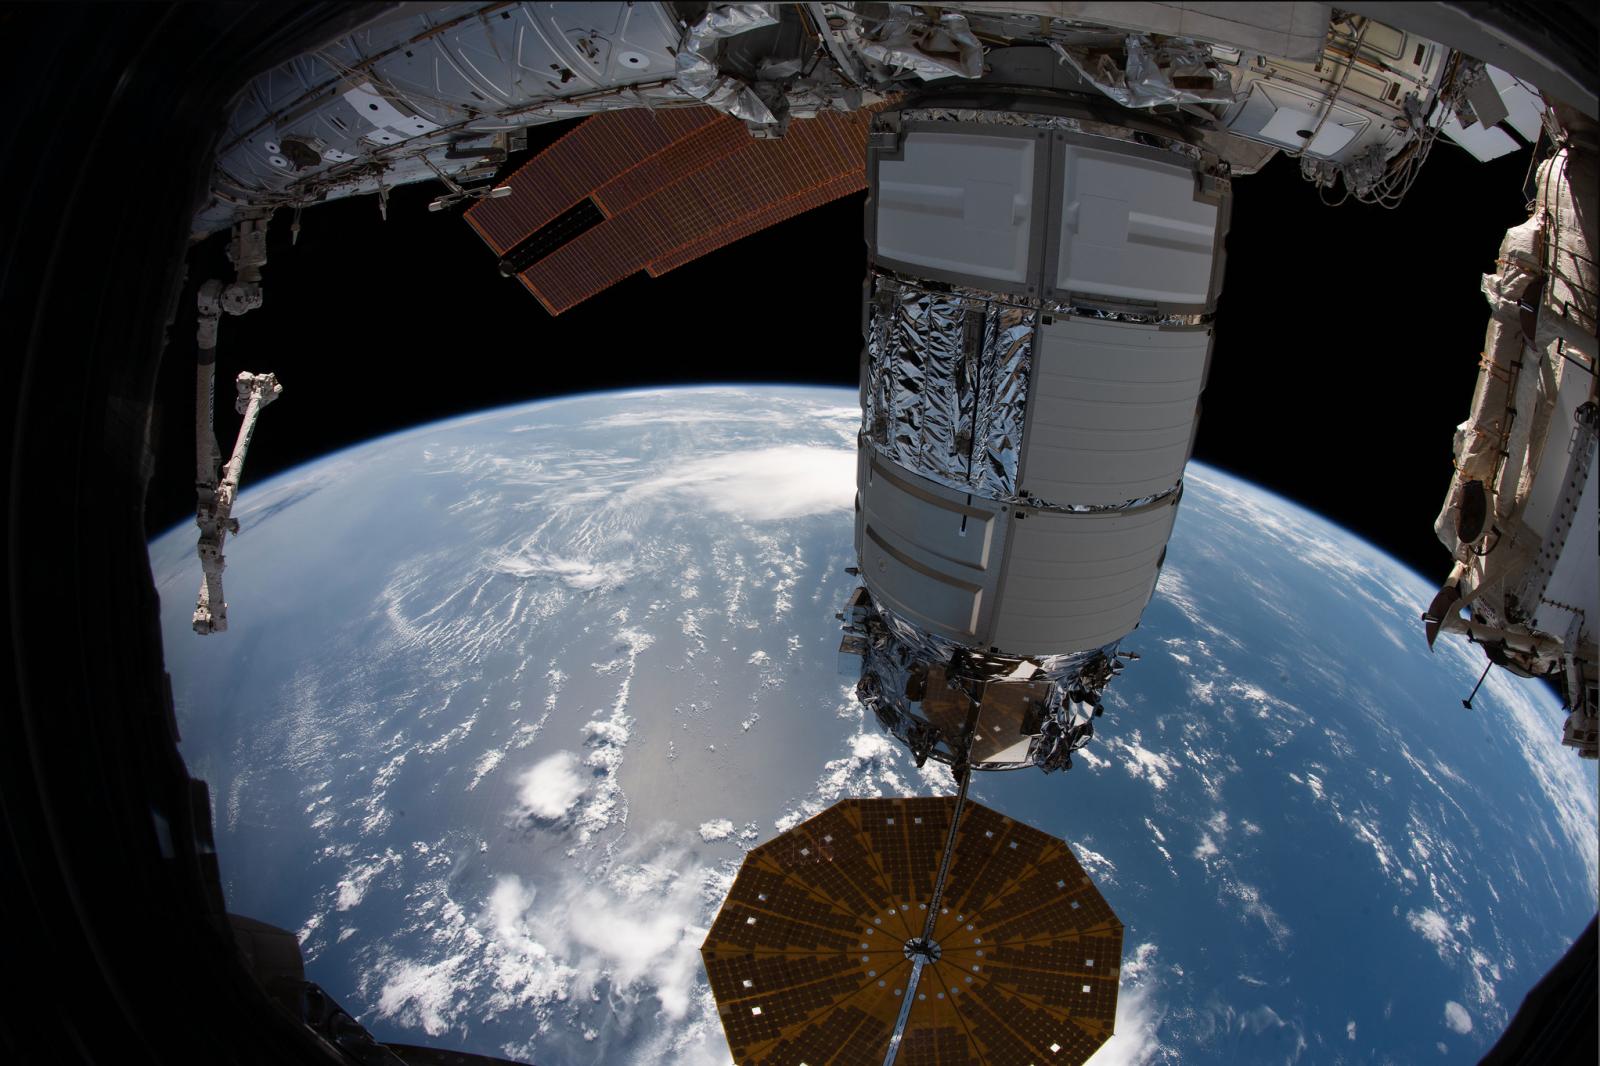 NG13 Cygnus ISS berthed